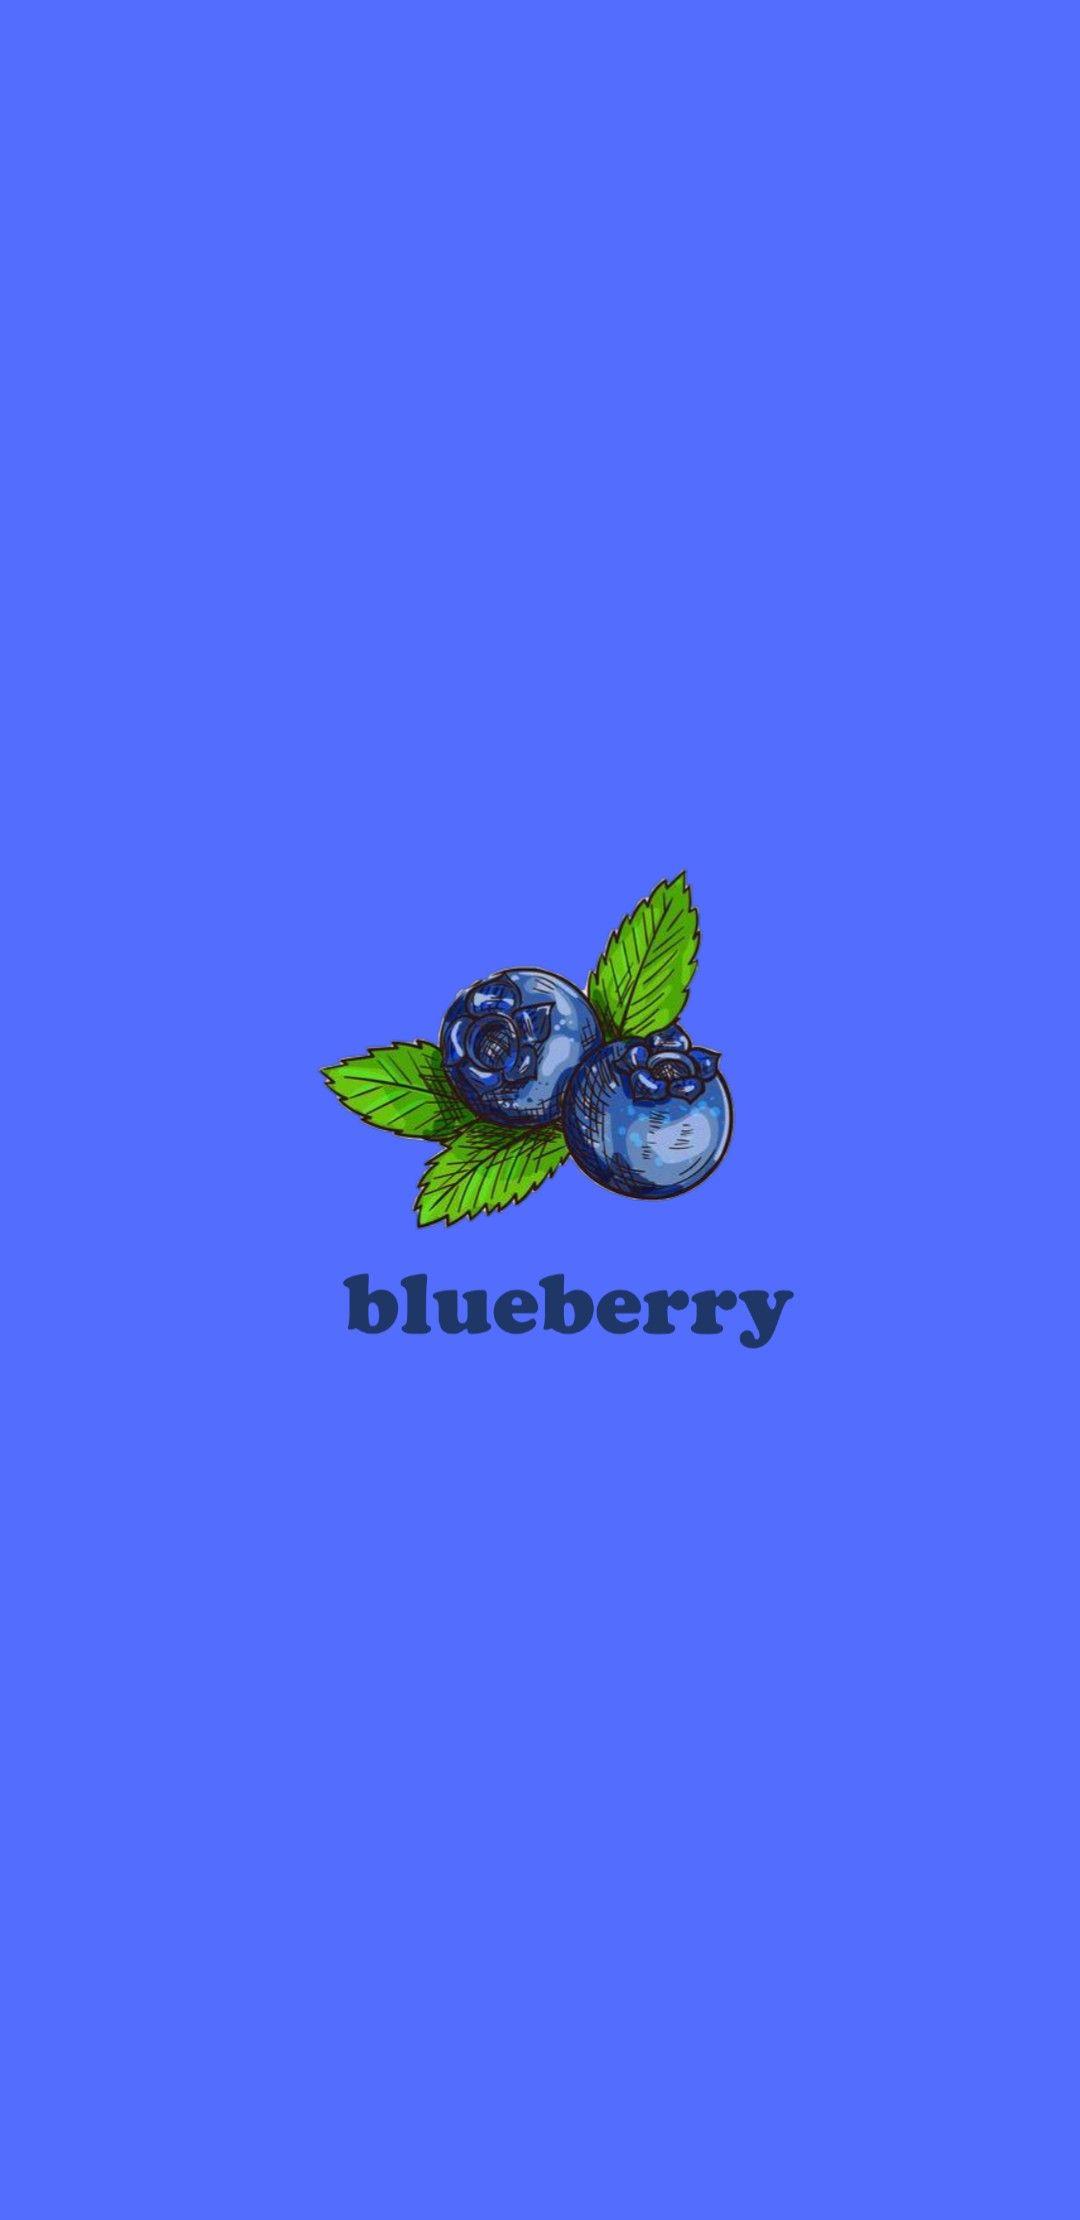 Cute Blueberry Cute Pastel Wallpaper Purple Wallpaper Iphone Wallpaper Iphone Cute